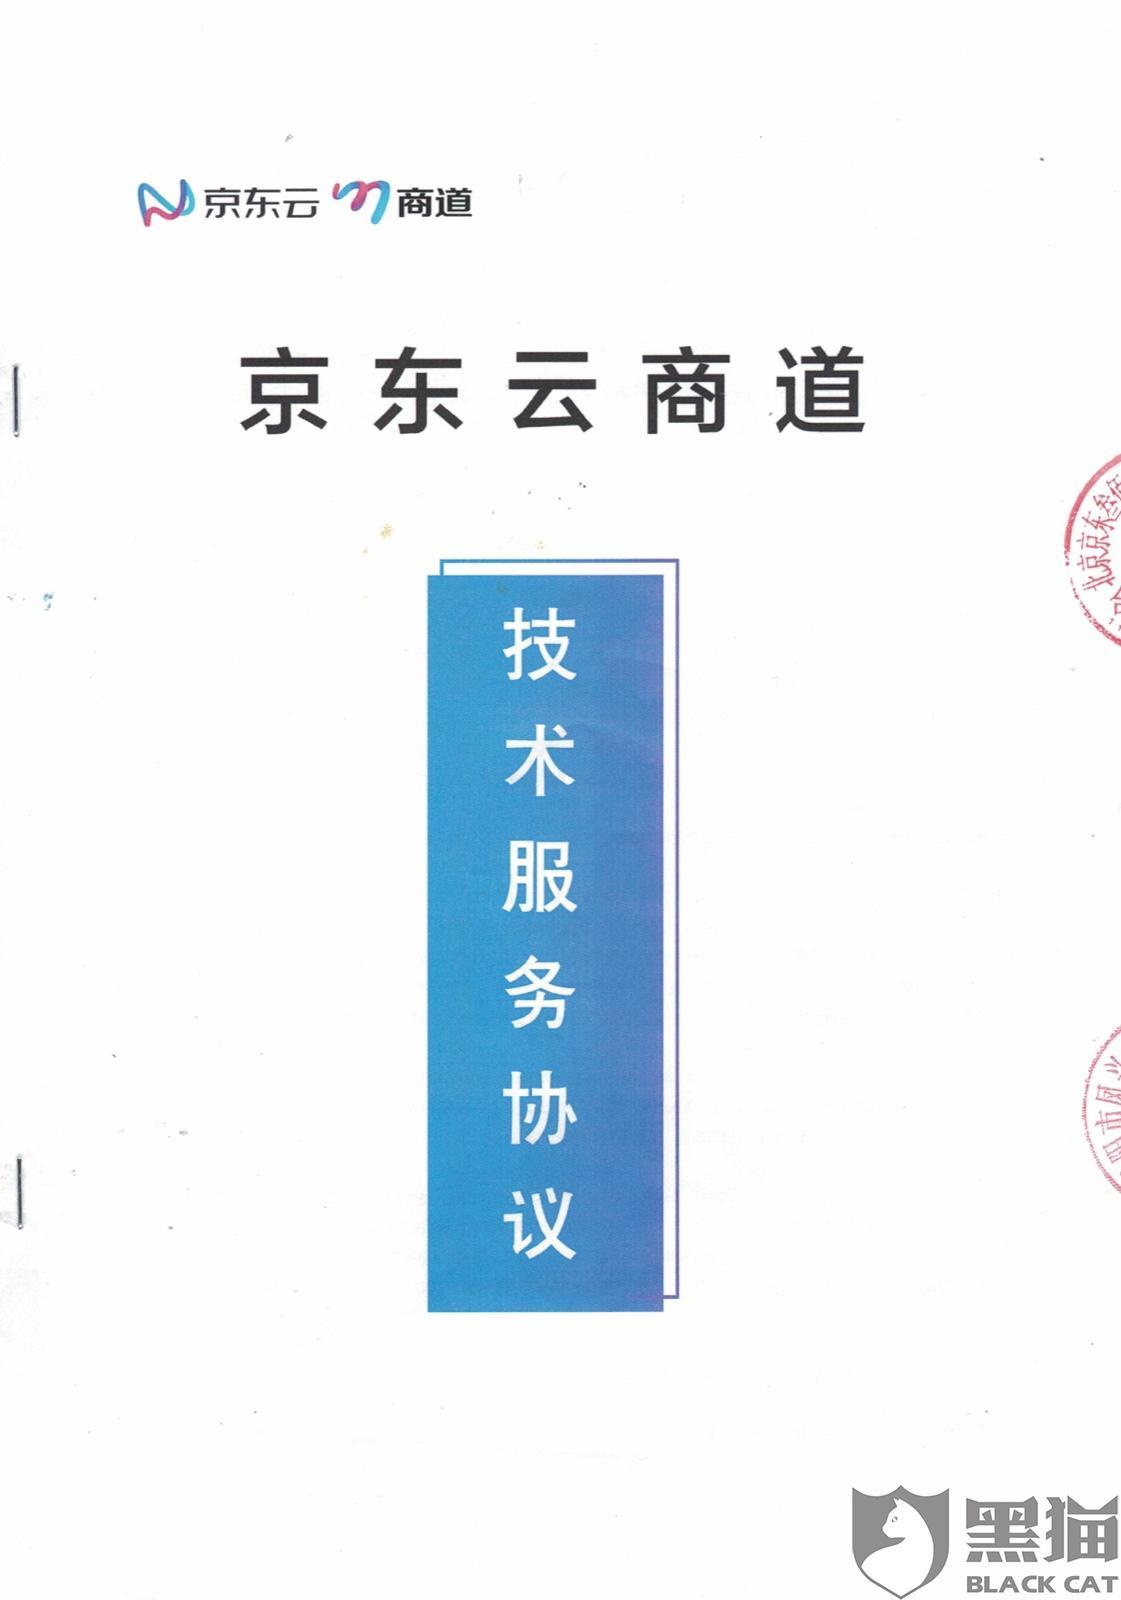 黑猫投诉:京东云商道欺骗中小企业,以京东商城和微信的名义乱收费